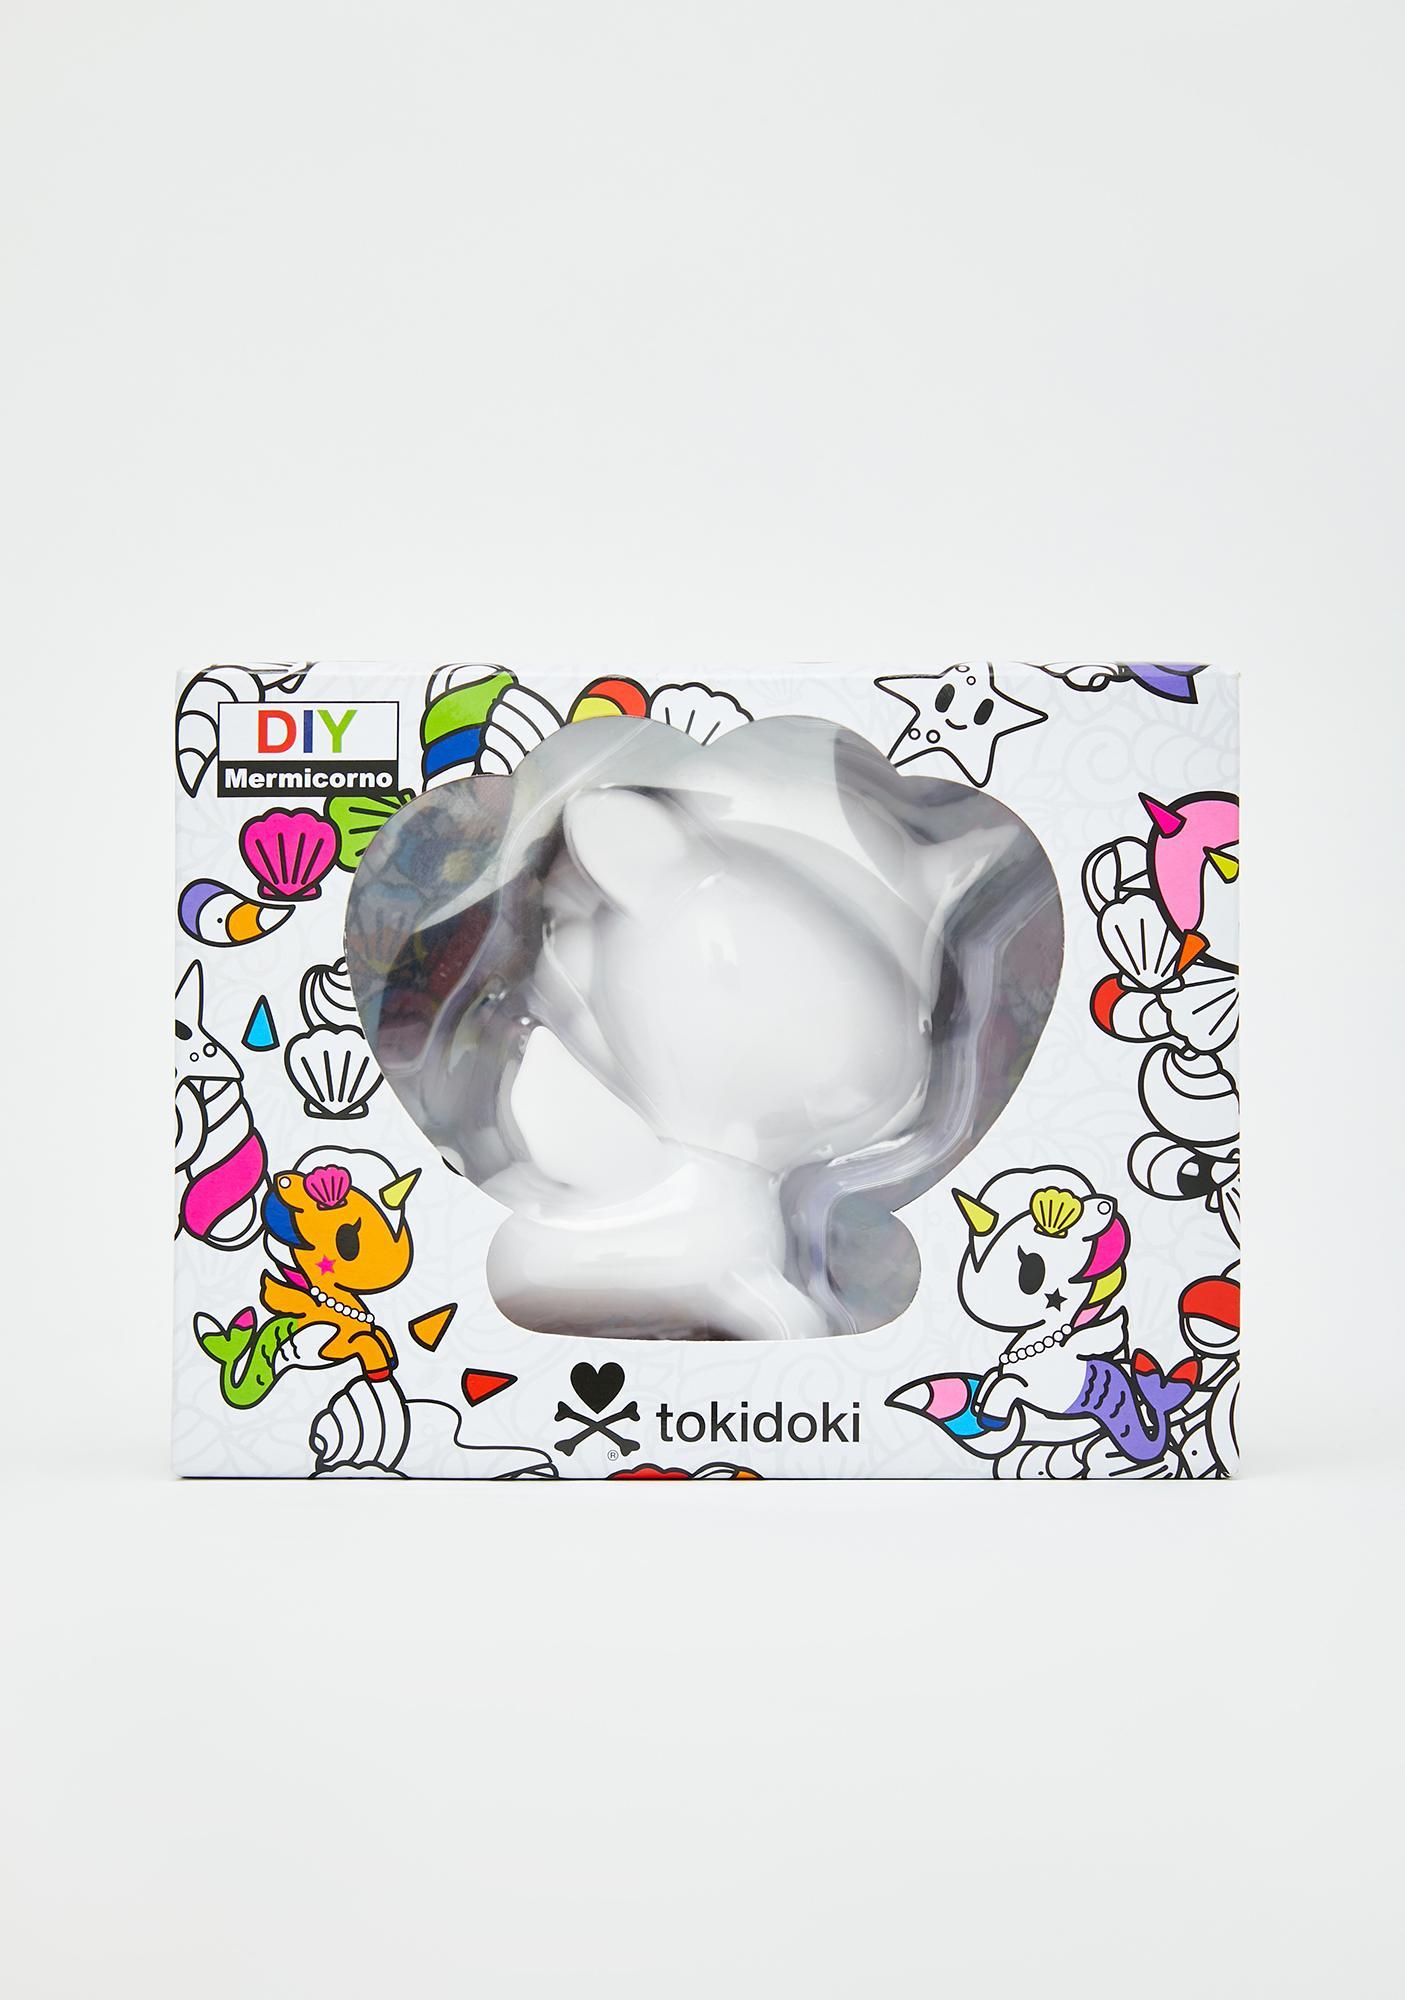 Tokidoki DIY Mermicorno Toy